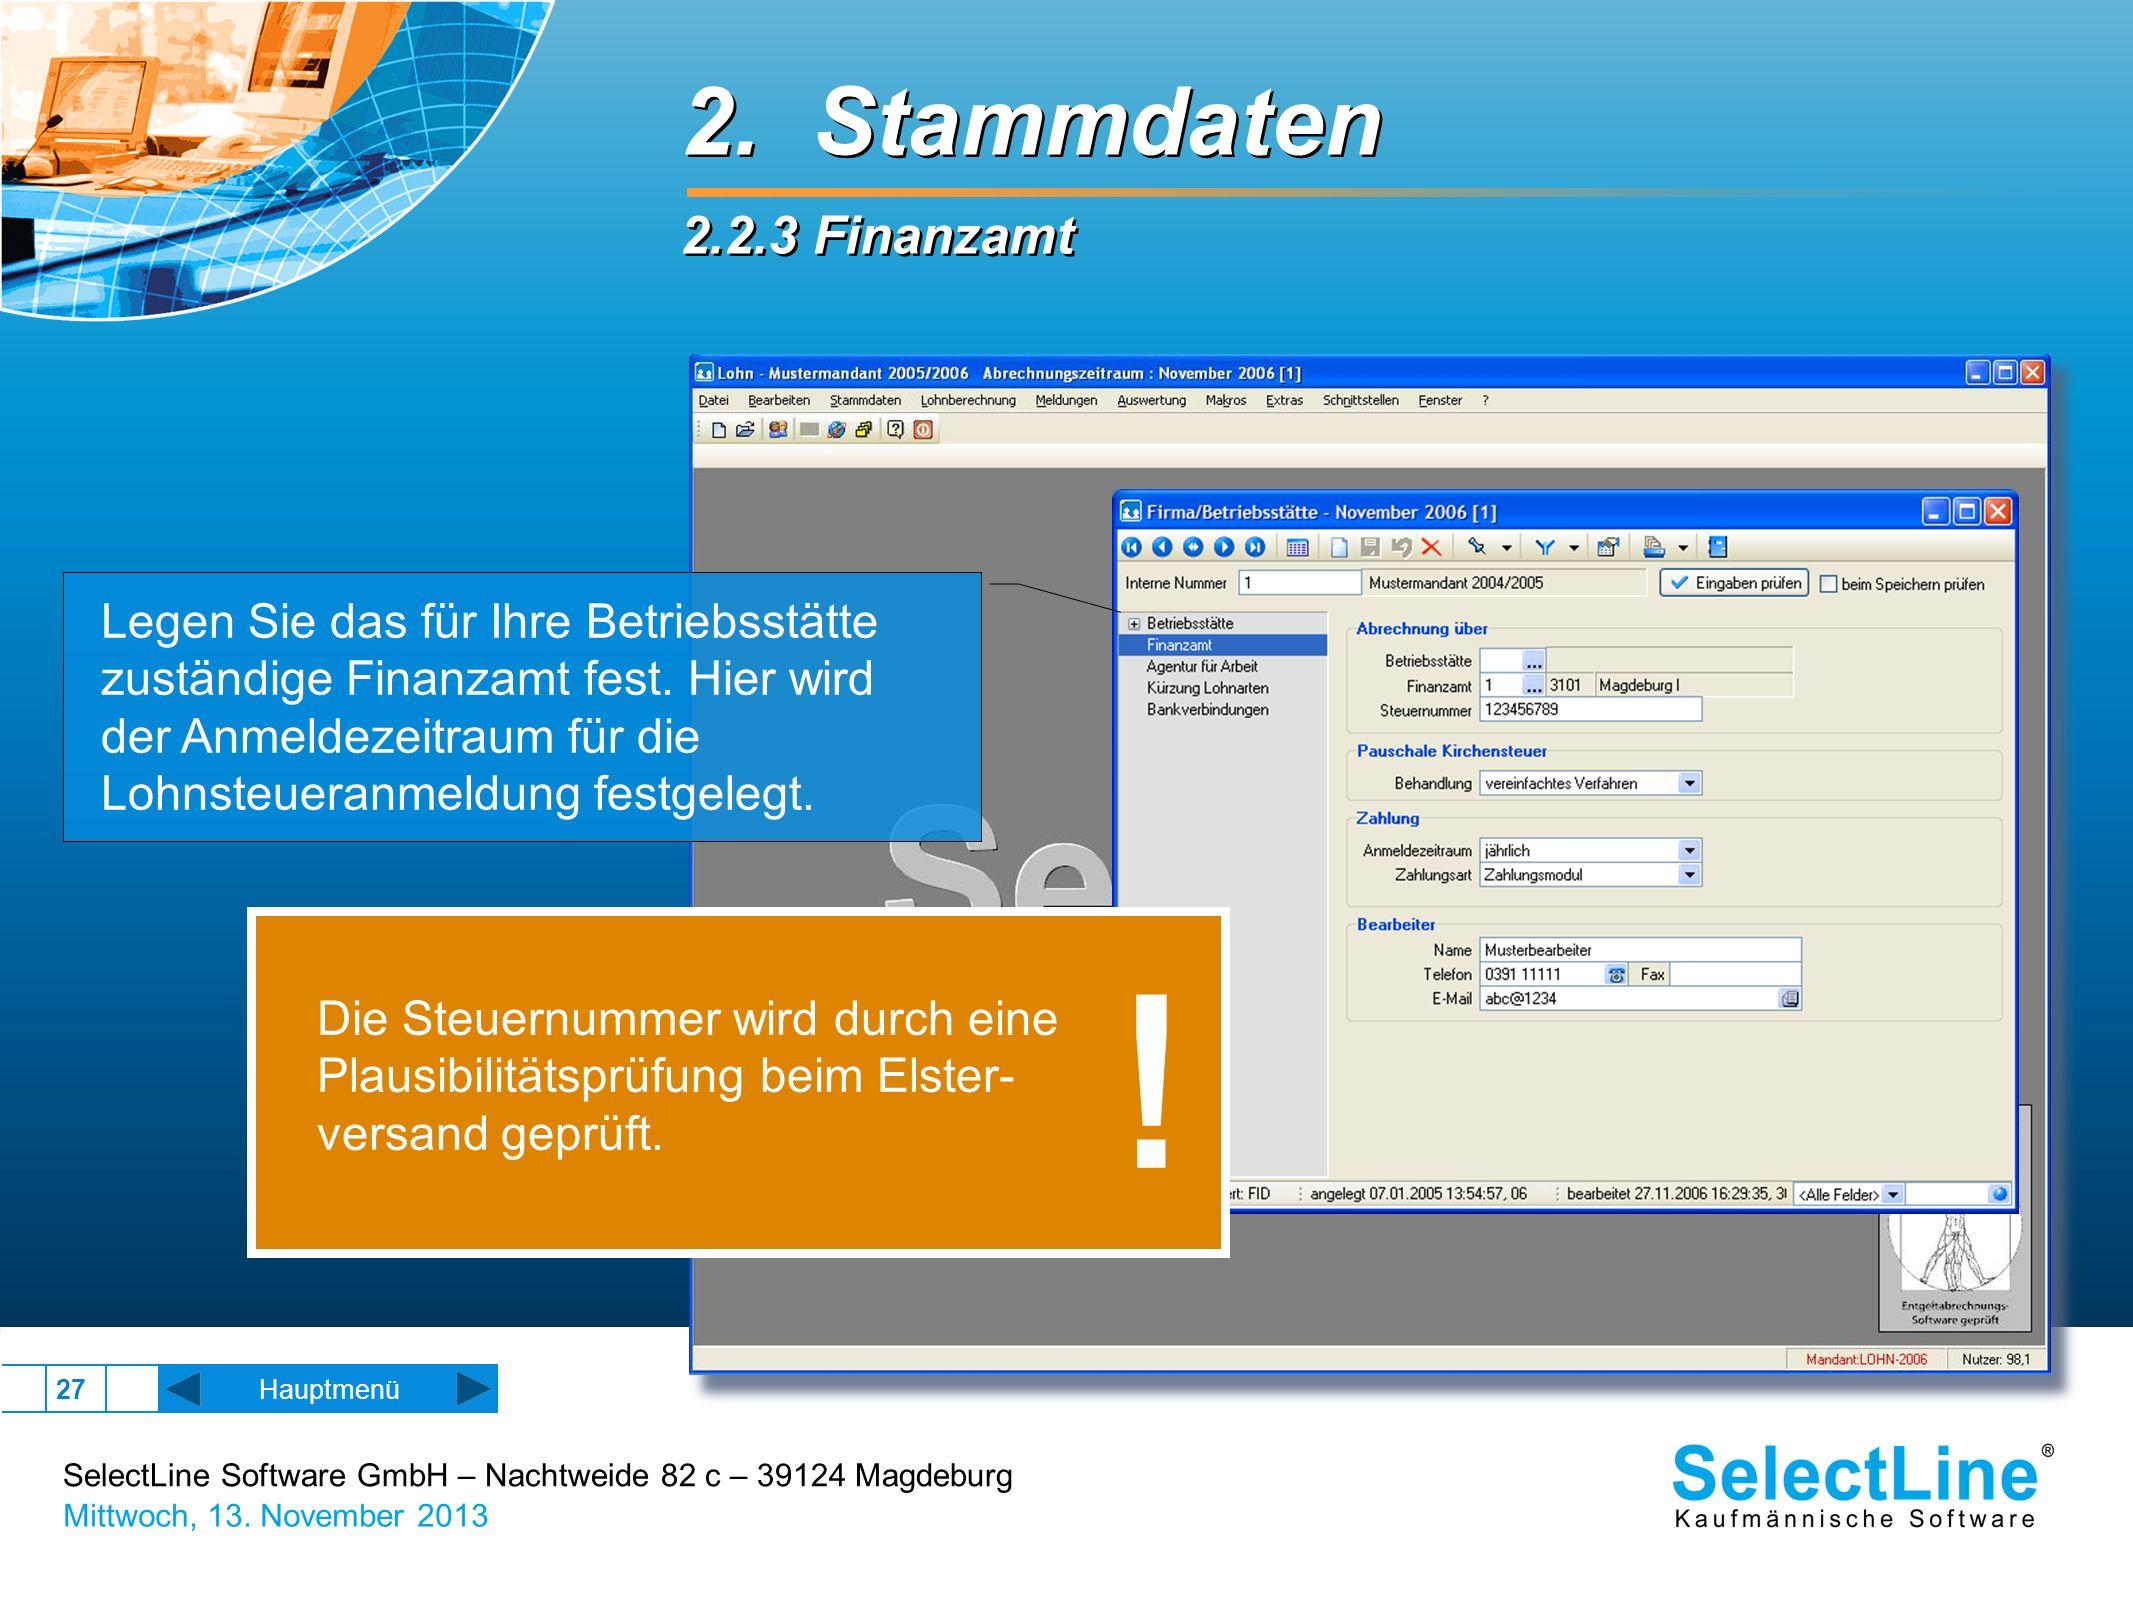 SelectLine Software GmbH – Nachtweide 82 c – 39124 Magdeburg Mittwoch, 13. November 2013 27 2. Stammdaten 2.2.3 Finanzamt 2. Stammdaten 2.2.3 Finanzam